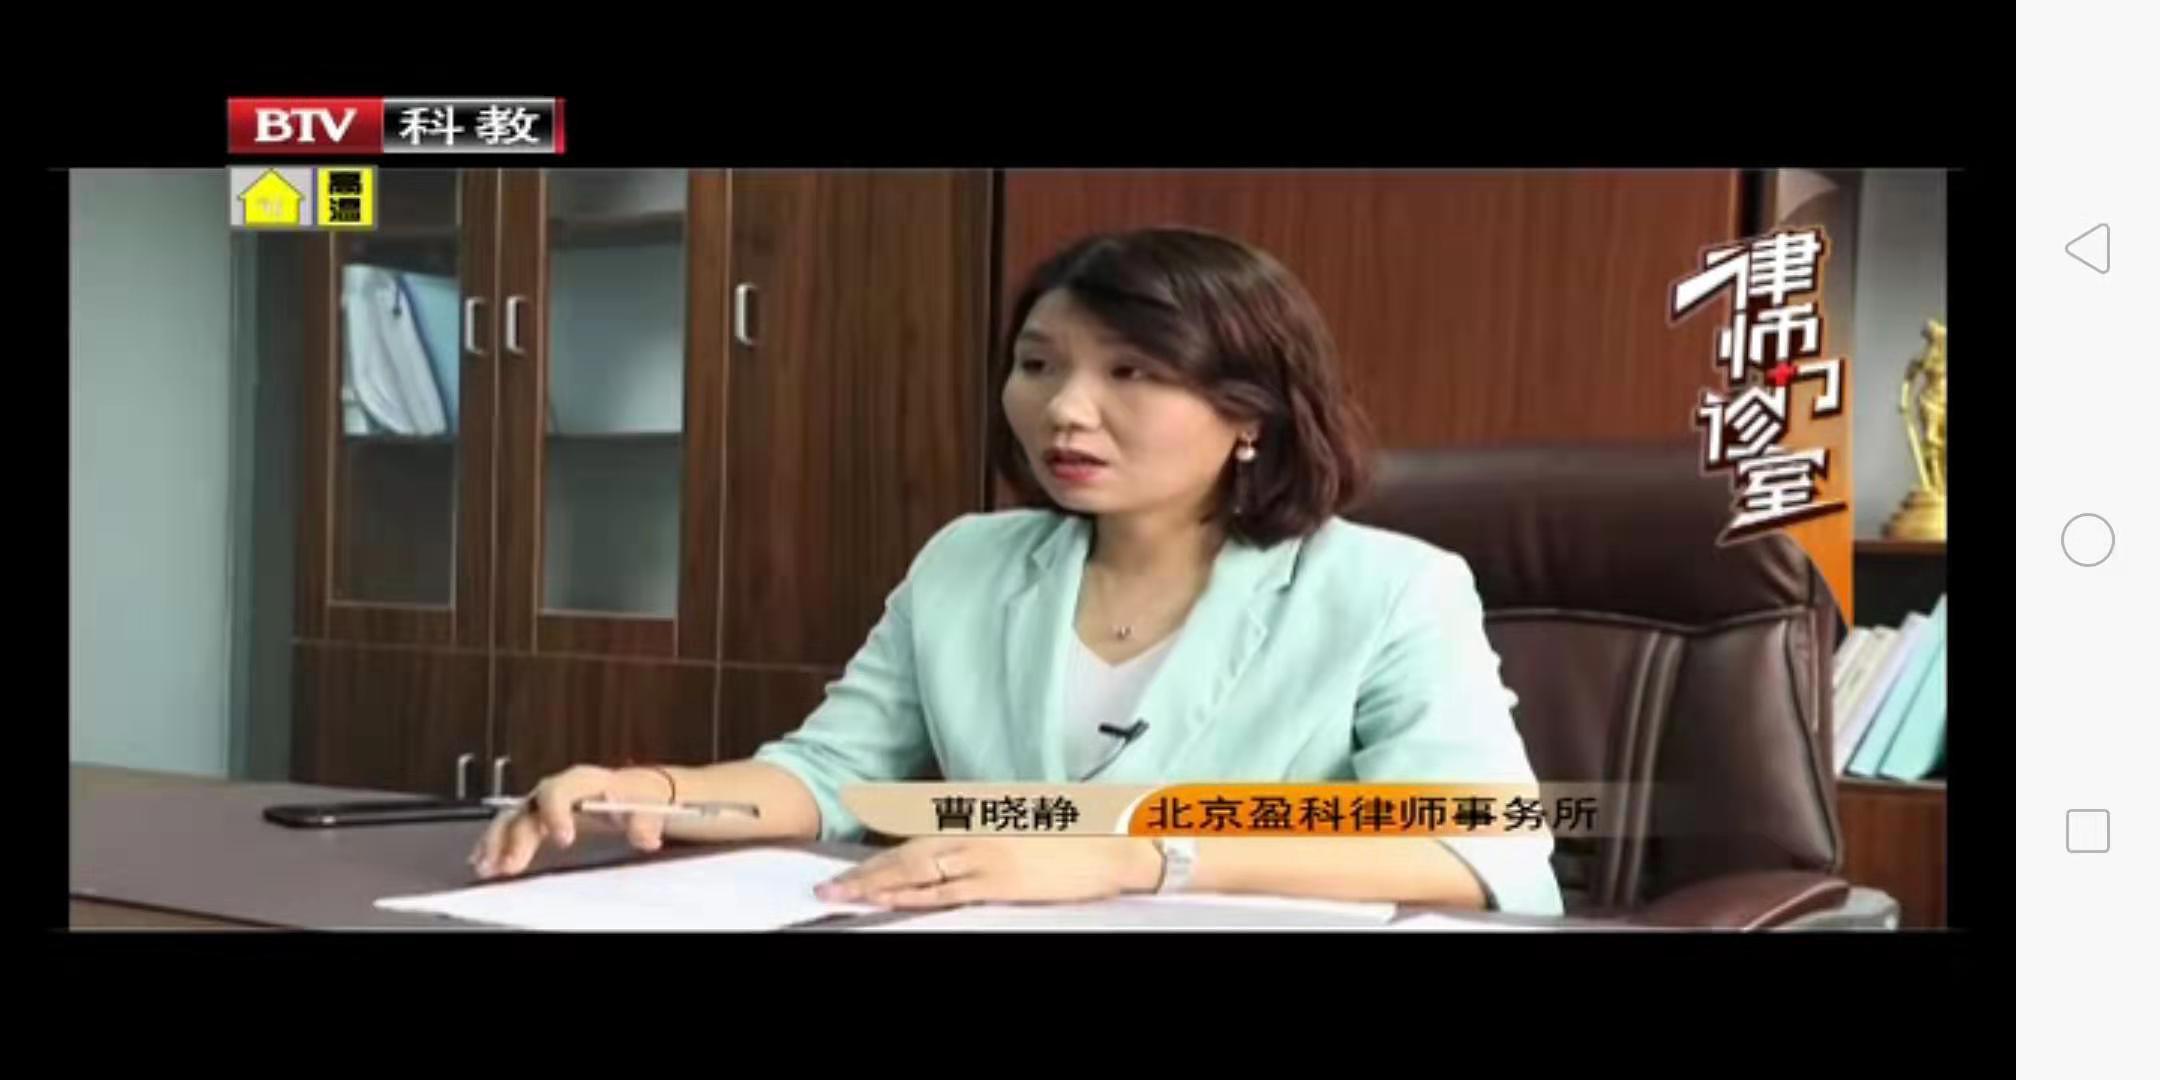 曹晓静律师团队代理继承纠纷,为当事人争取到房子的所有权